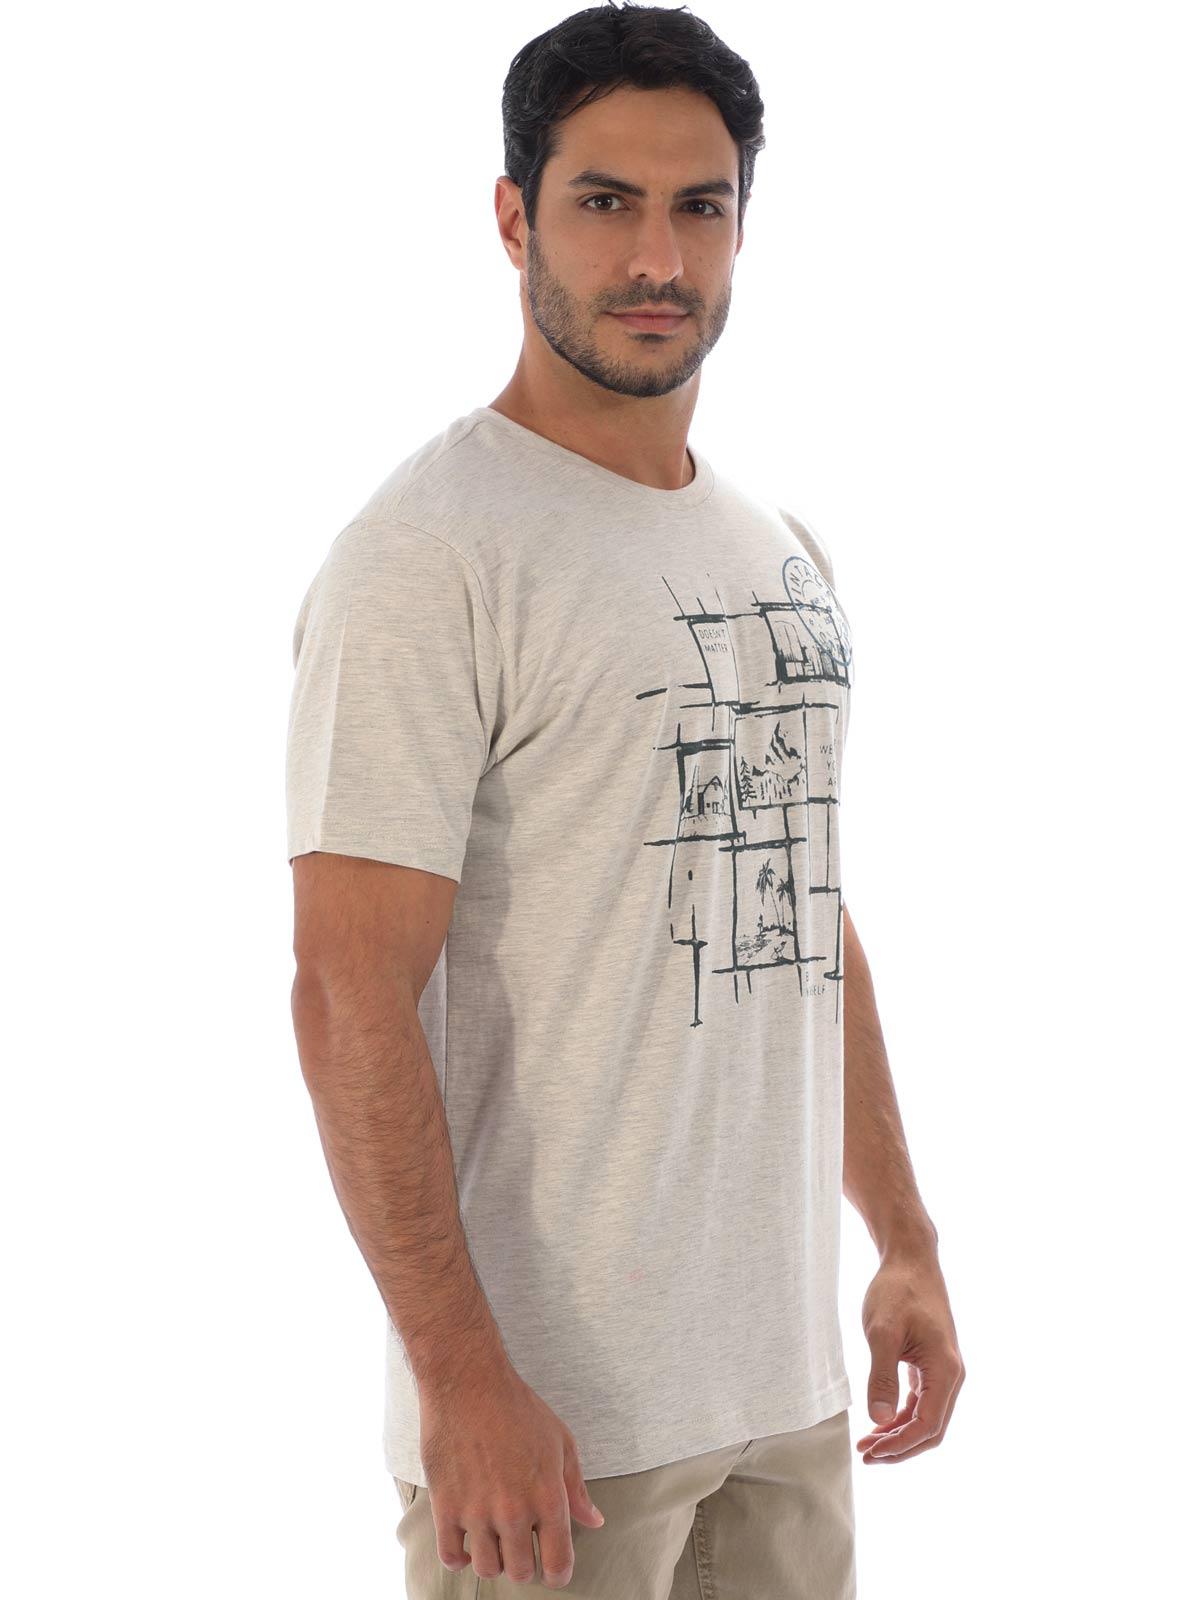 Camiseta Masculina Básica Algodão Estampa Youself Mescla Crú